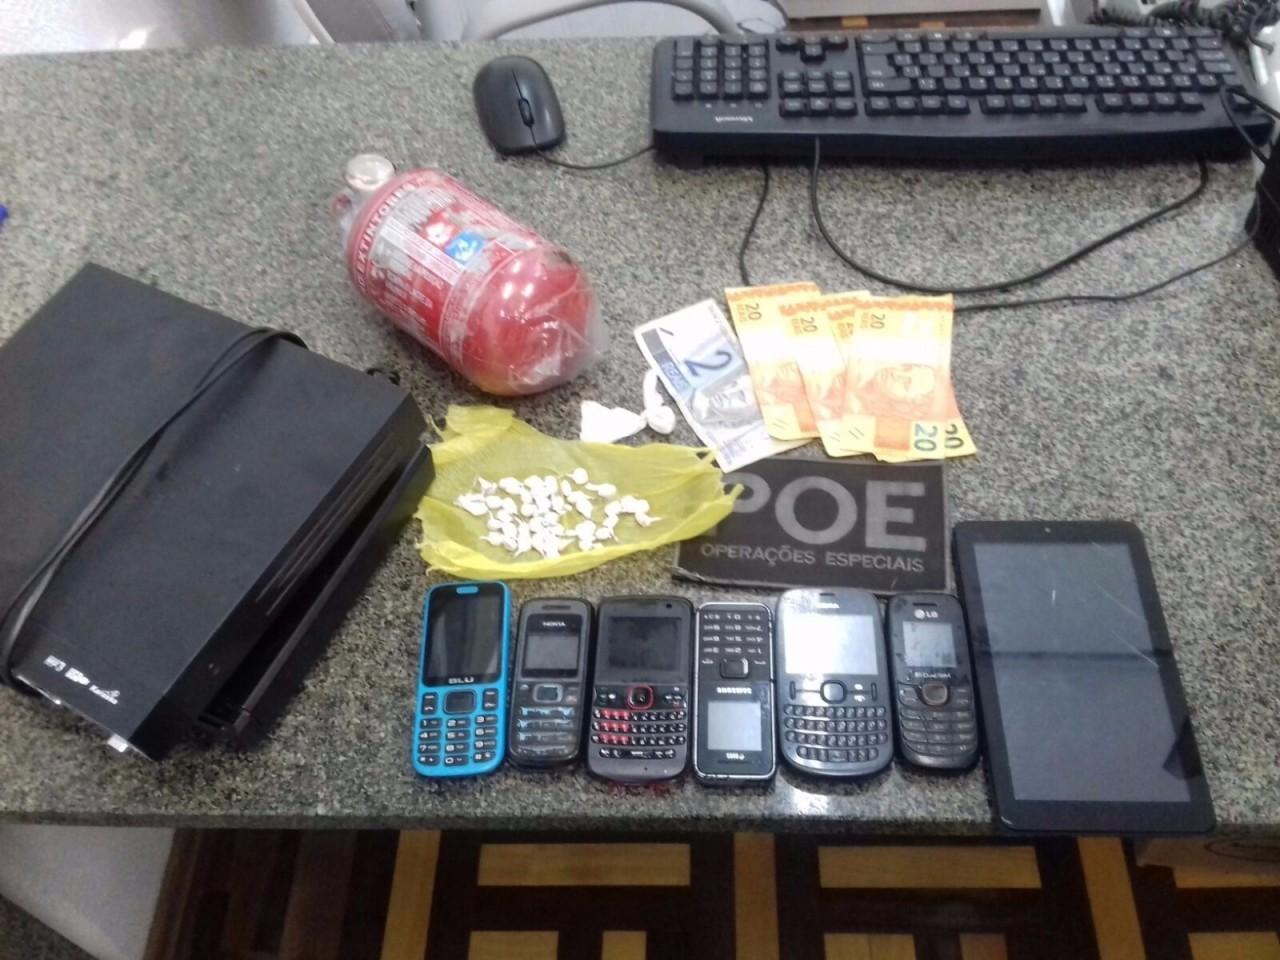 Celulares, drogas e demais objetos roubados encontrados em casa de suspeita em Novo Hamburgo